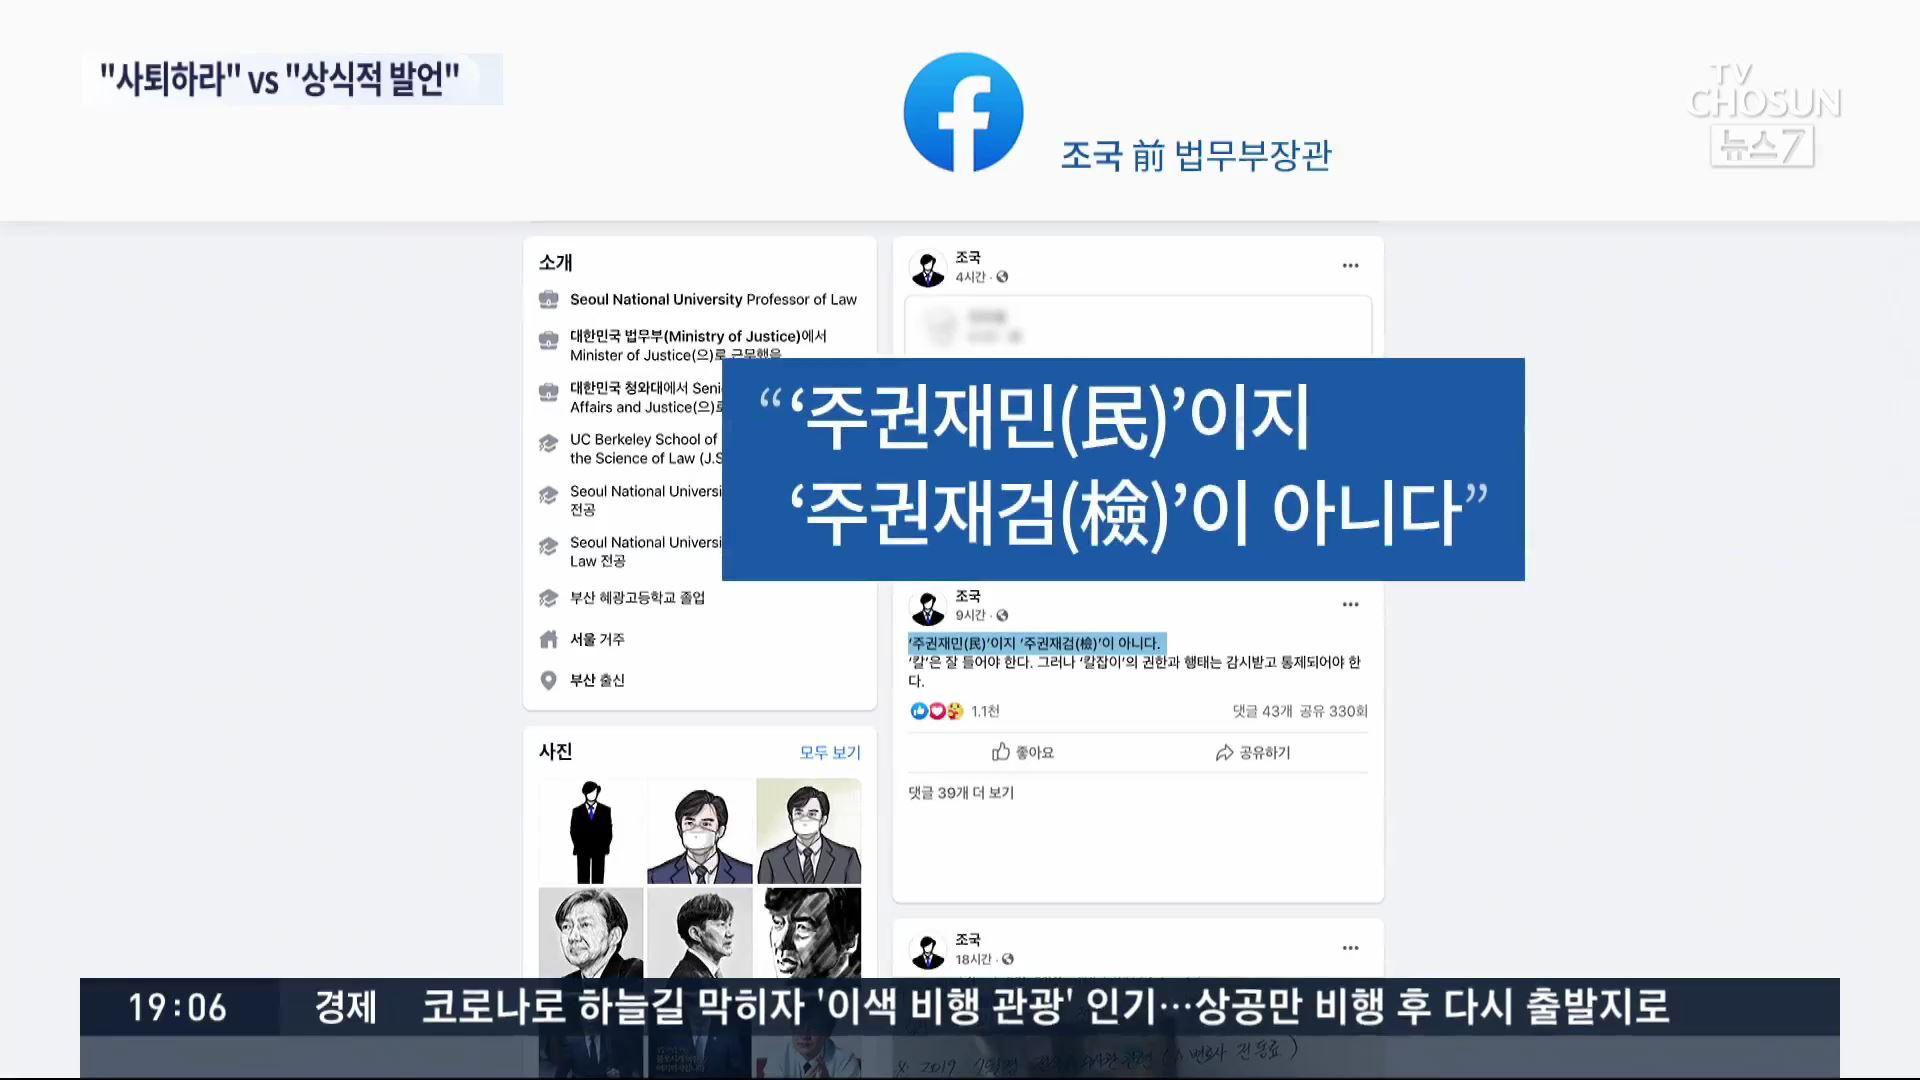 '尹 봉사 발언' 정치권 넘어 장외로…조국 vs 진중권 설전